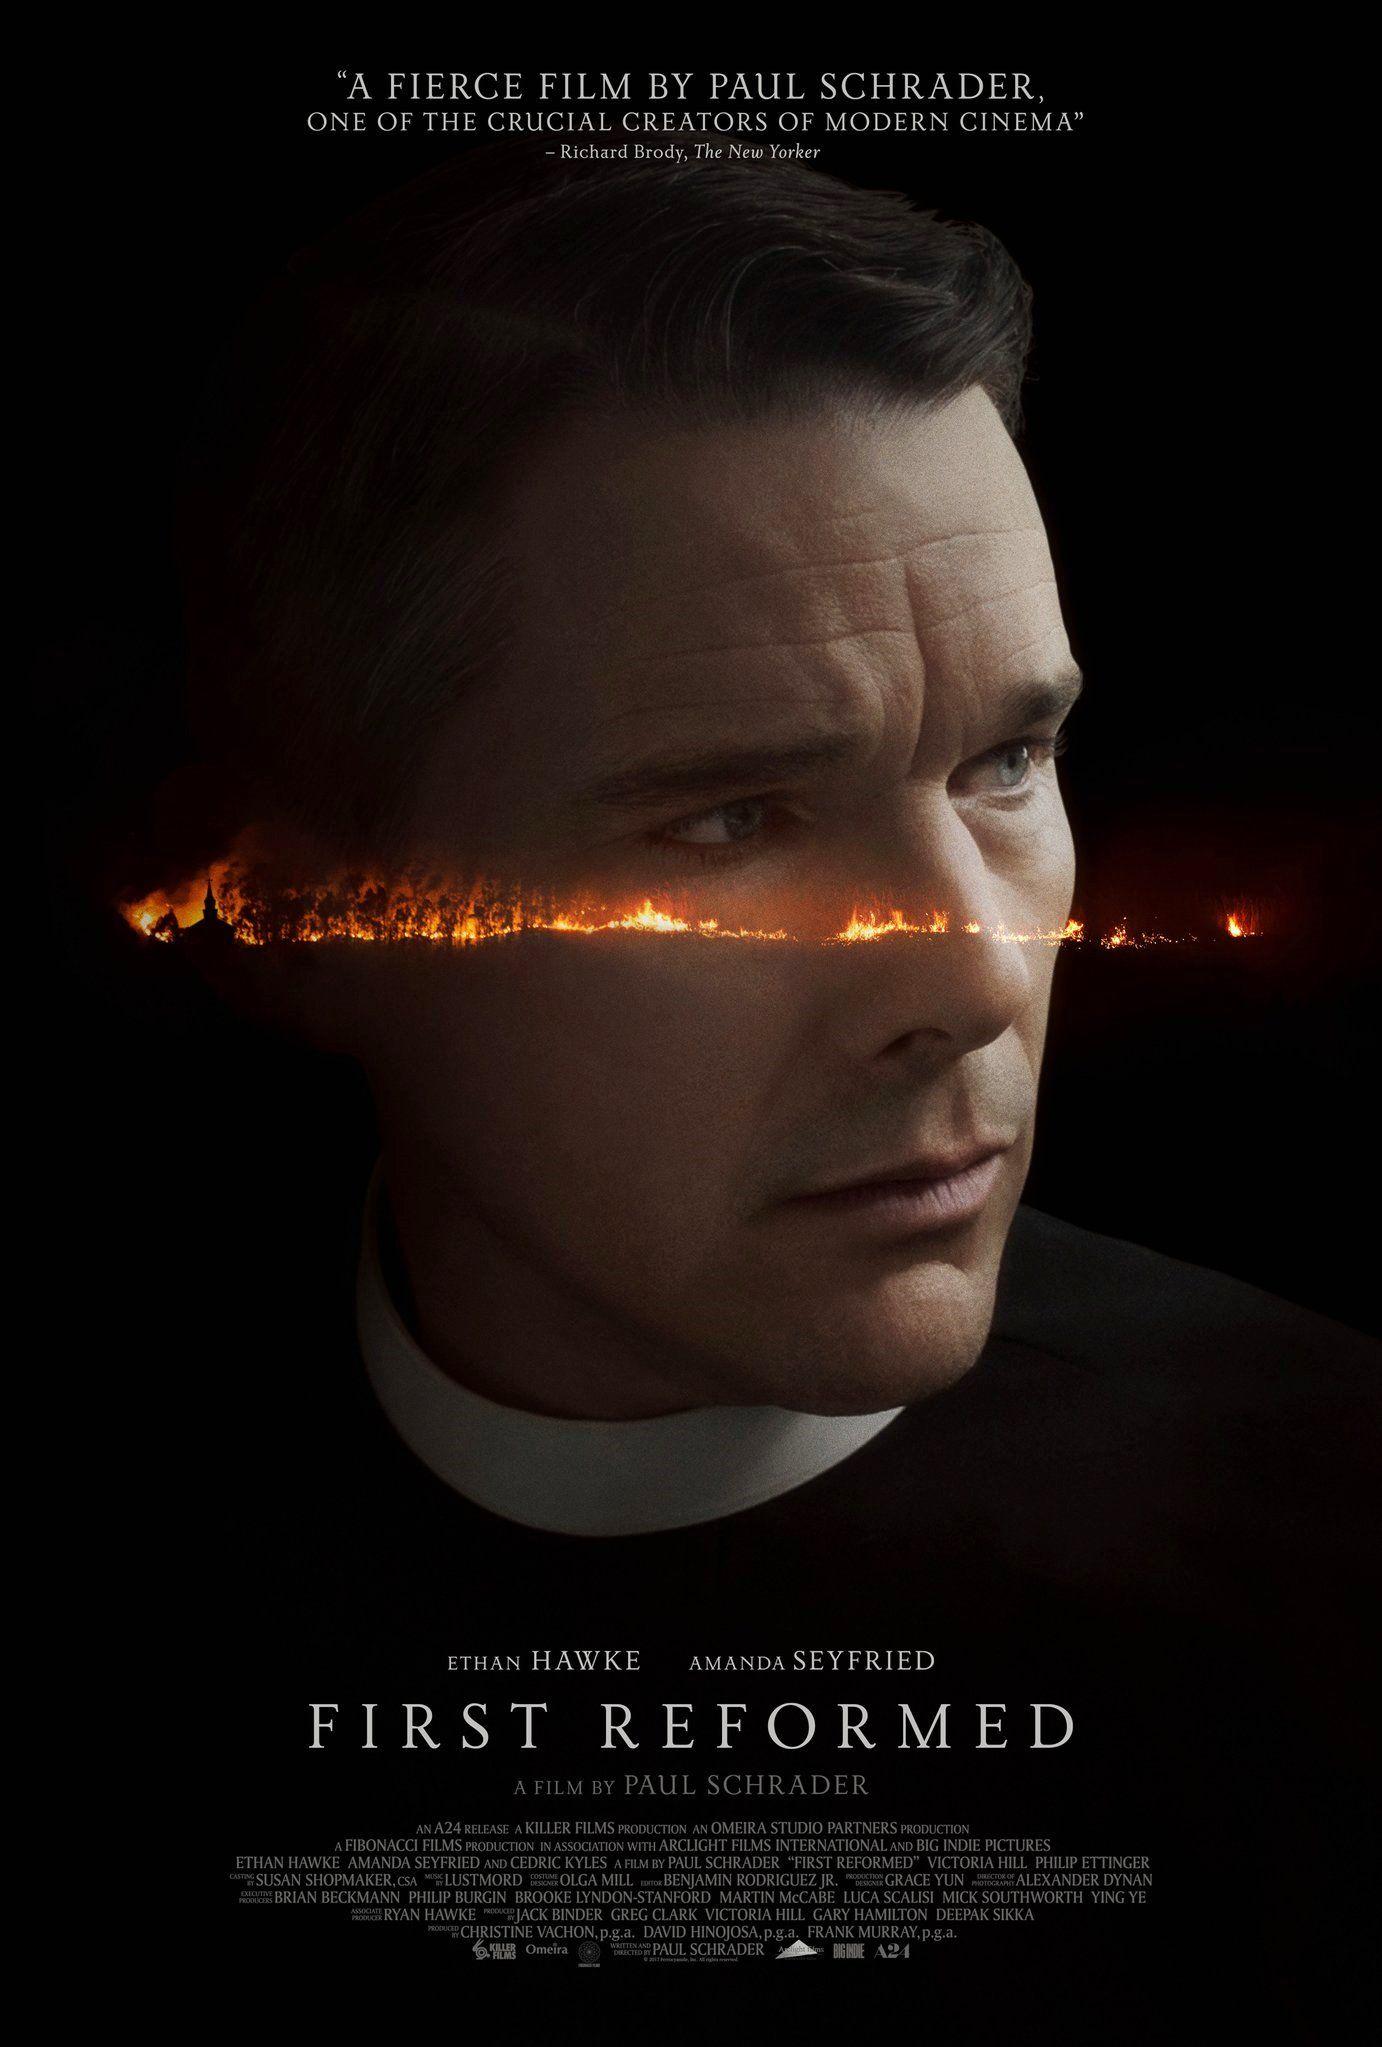 Un film de Paul Schrader, disponible en DVD et VOD.